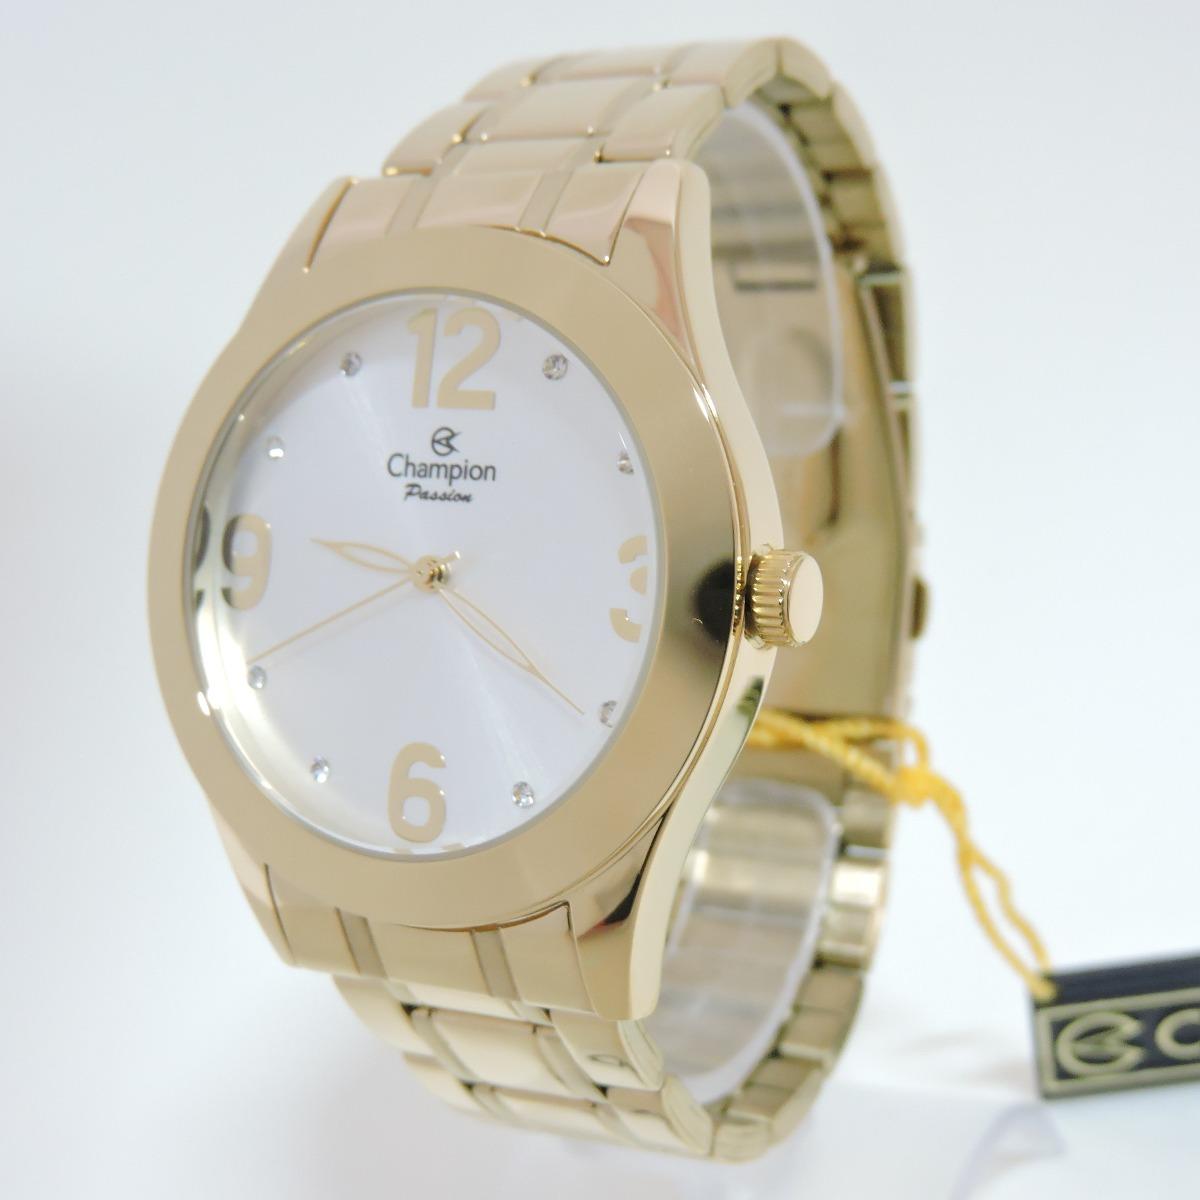 17f6e95a499 Relógio Champion Feminino Passion Dourado E Prata Ch24268h - R  169 ...